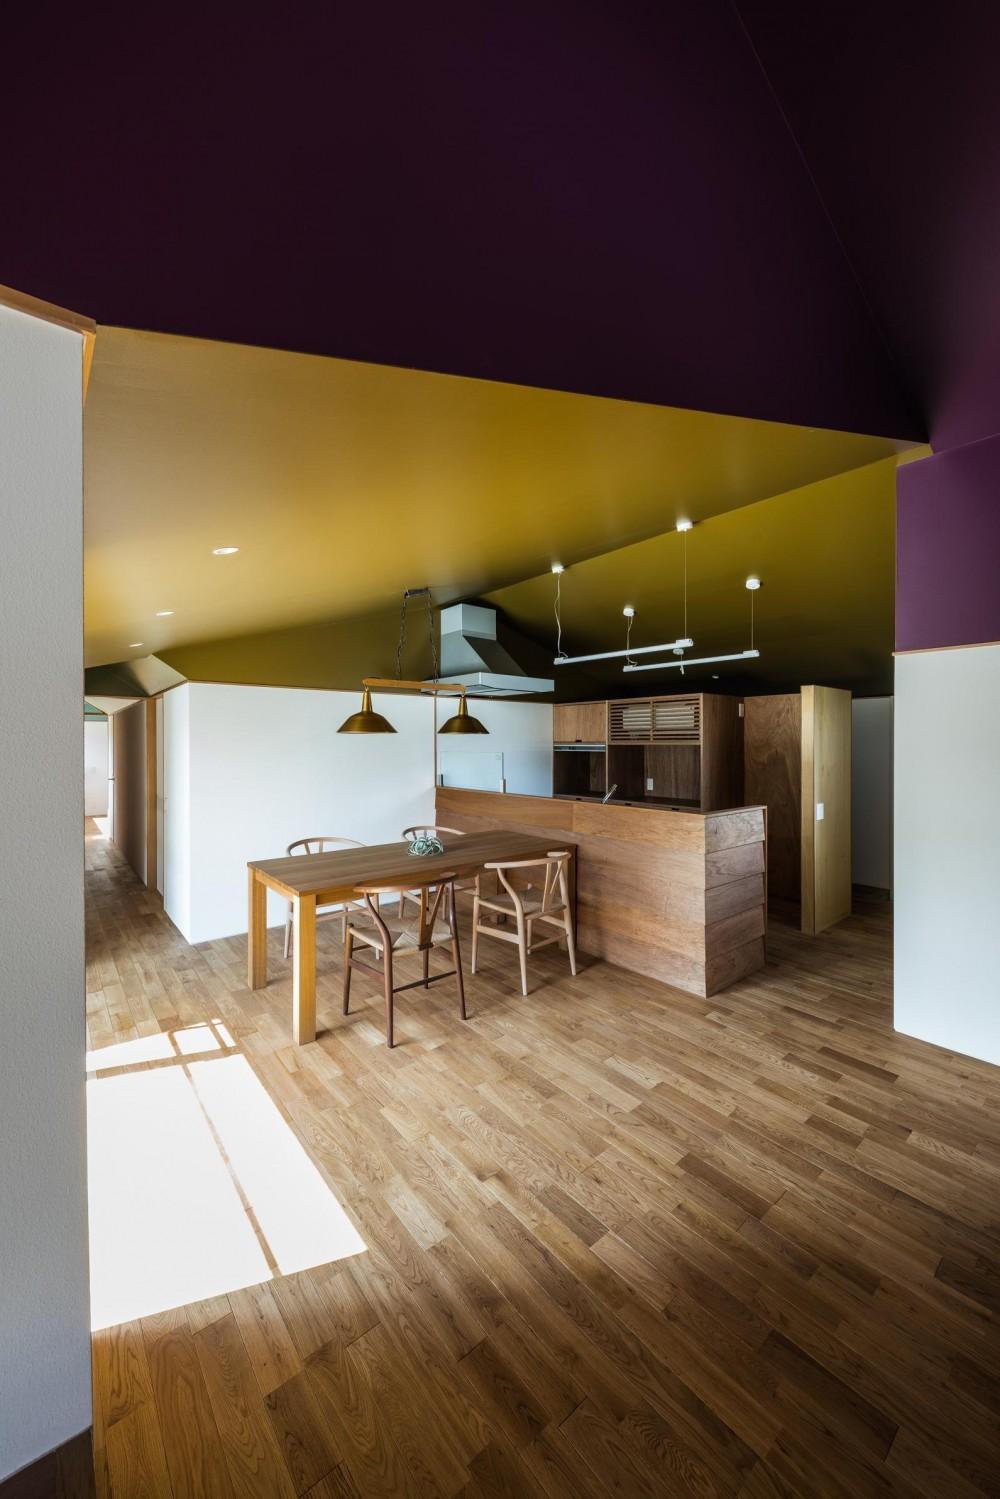 『ウィークリンク』6つの小屋が東西につながり、家族の多様な居場所をつくる家 (ダイニングキッチン)